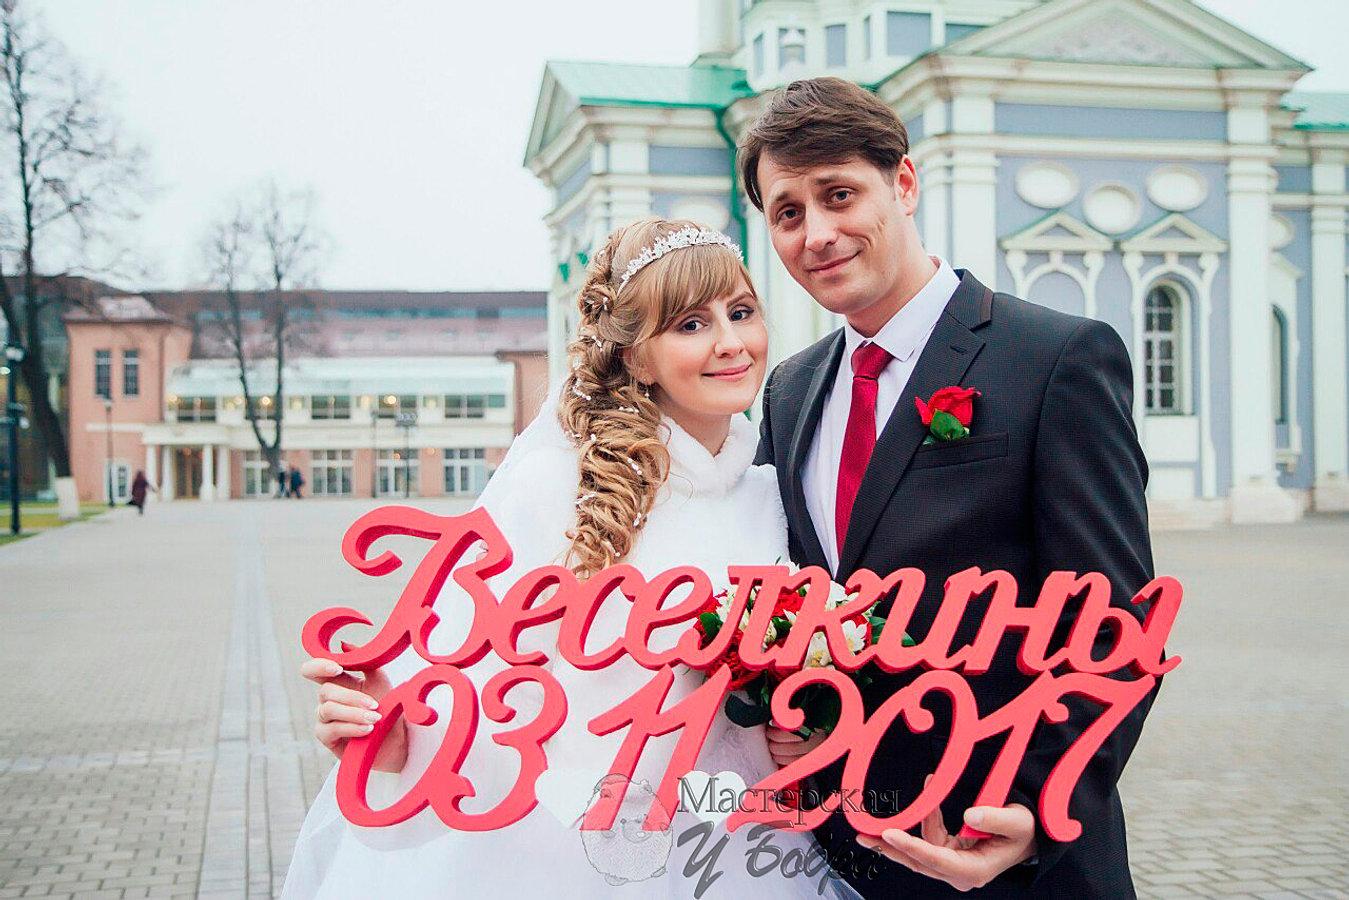 Фото на свадьбе с фамилией